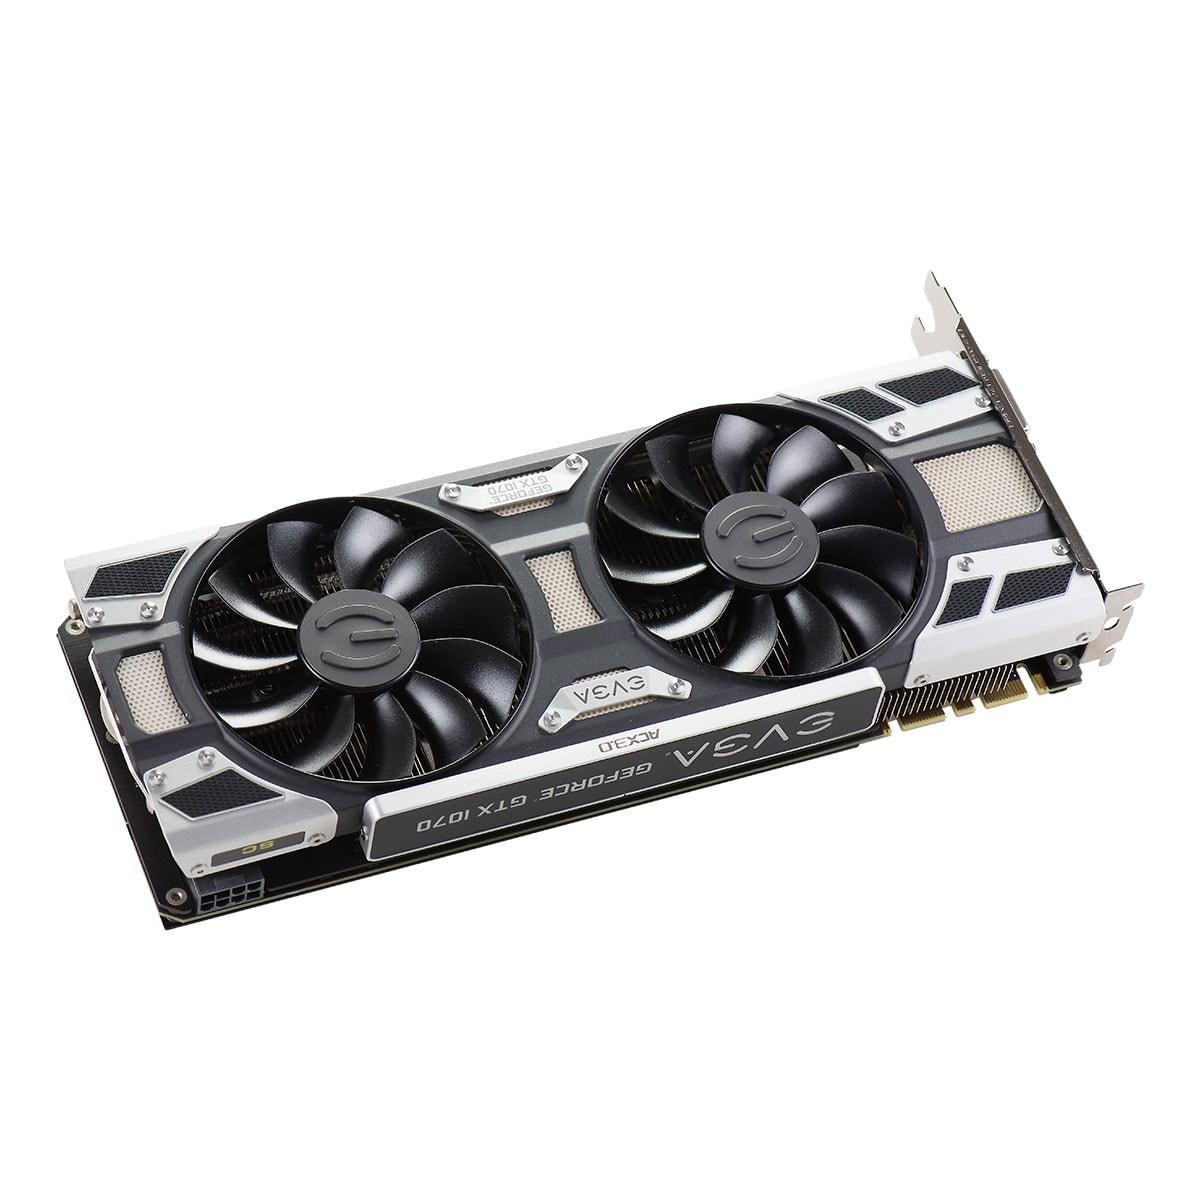 EVGA GeForce GTX 1070 SC GAMING ACX 3.0 (08G-P4-6173-KR) - Achat / Vente Carte graphique sur Cybertek.fr - 3